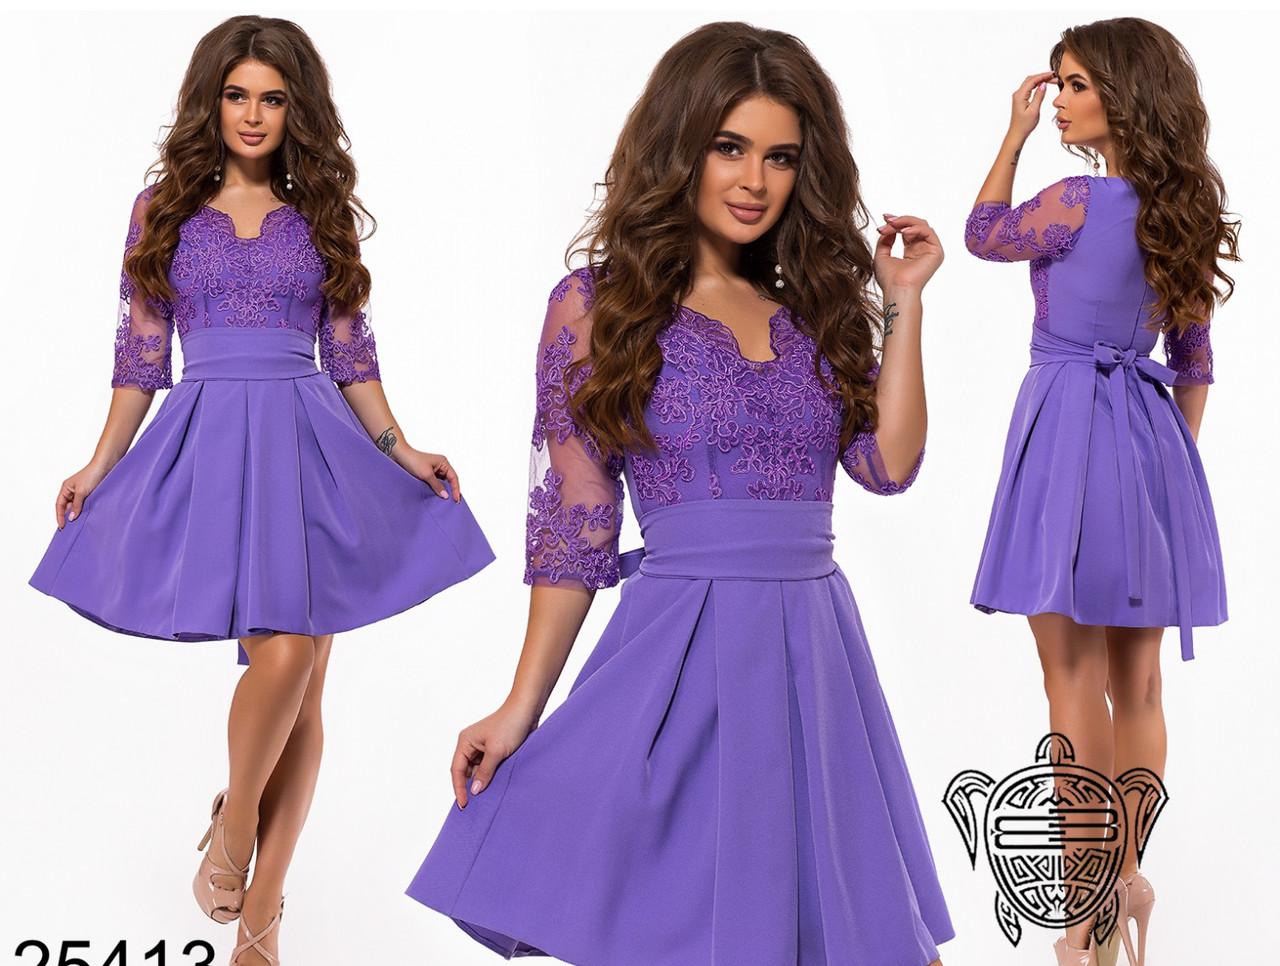 095d92f3b9d Вечернее короткое платье с пышной юбкой и верхом из сетки с вышивкой  (разные цвета)